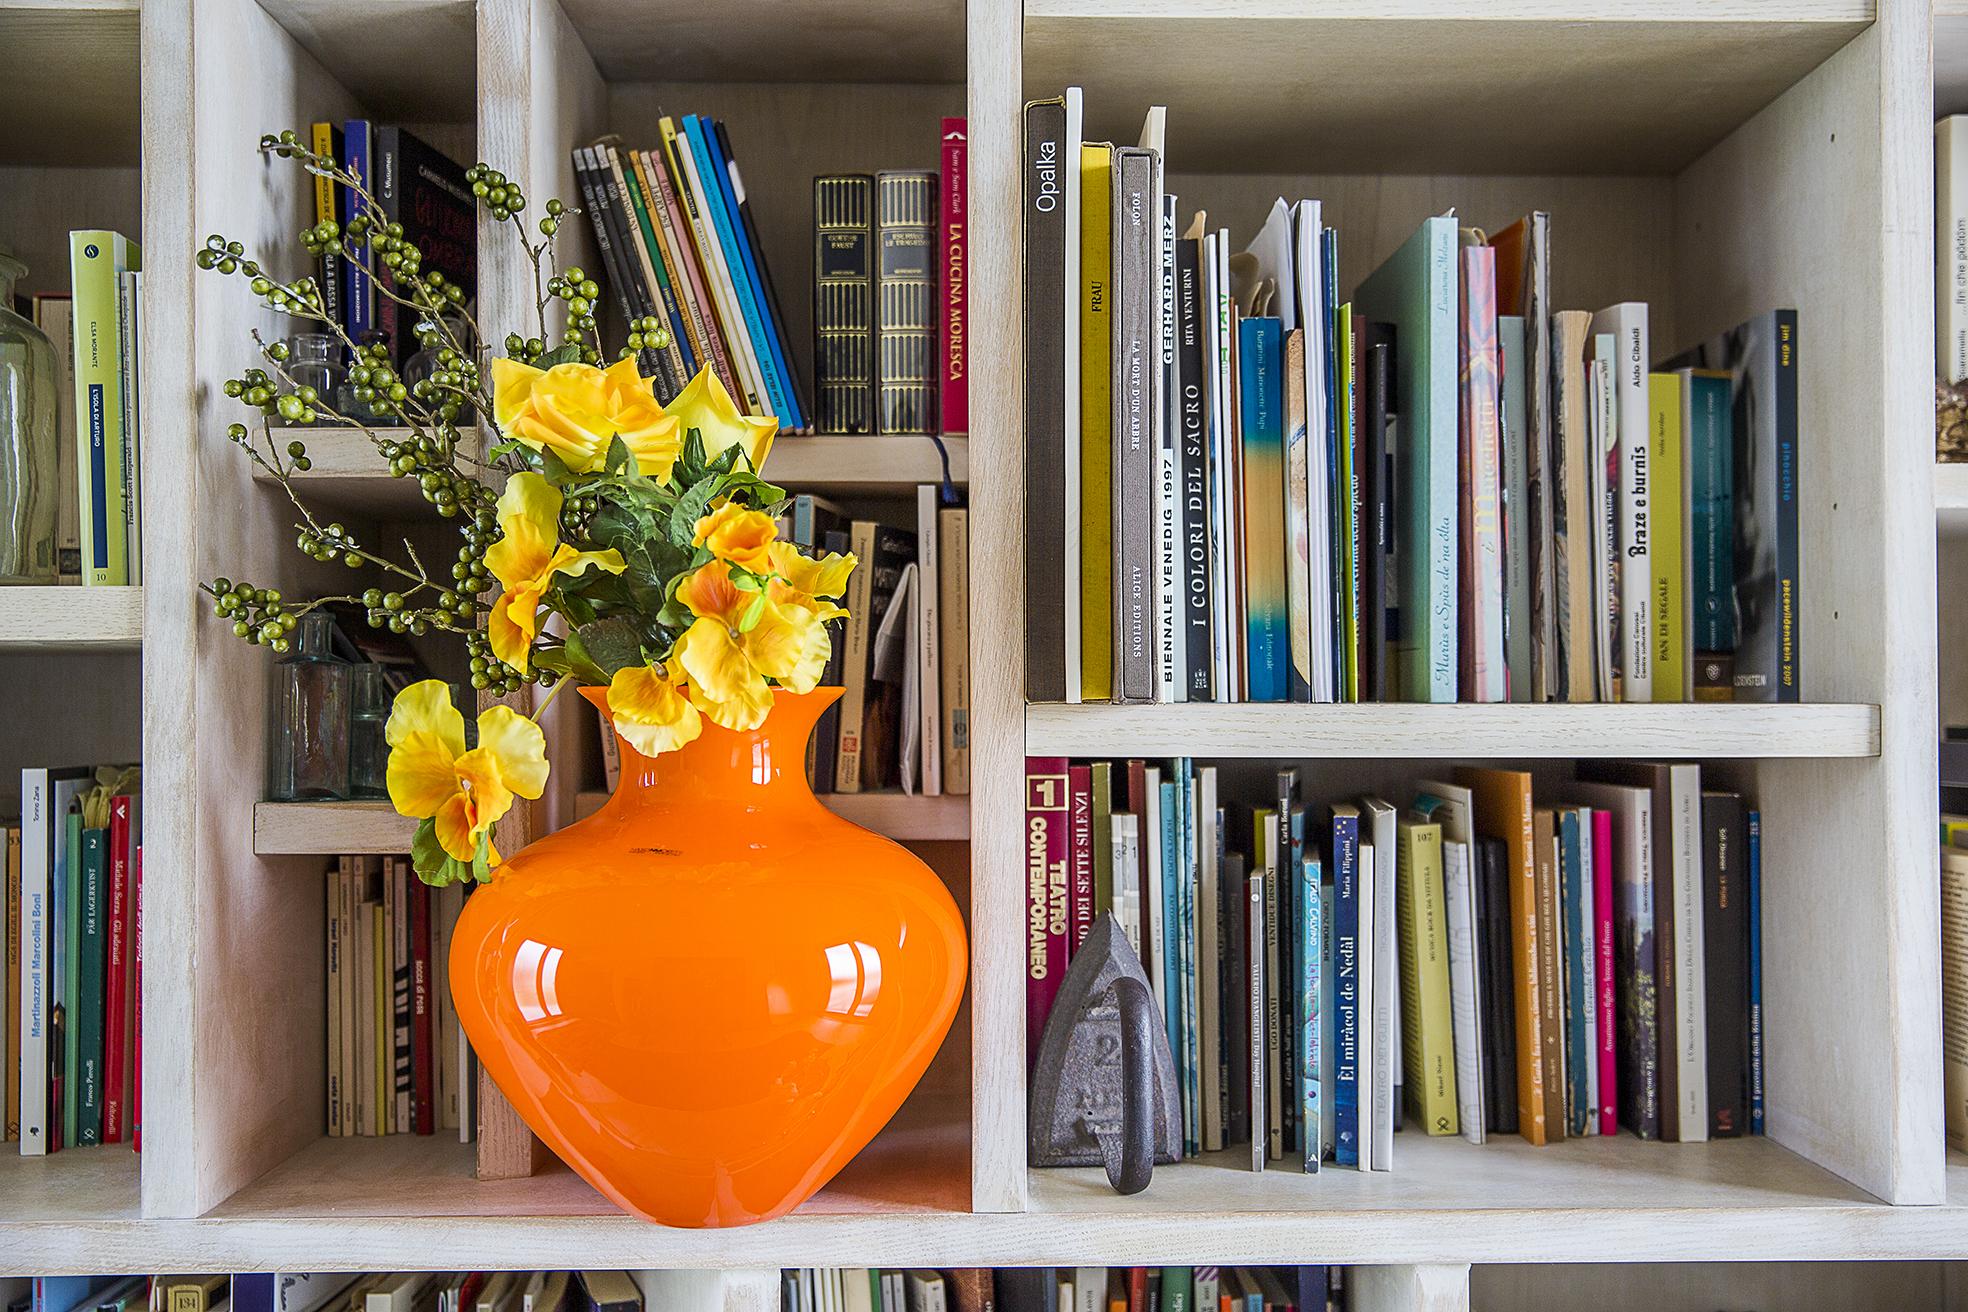 Vasi moderni da interno arredare con i fiori foto per for Vasi da arredamento design